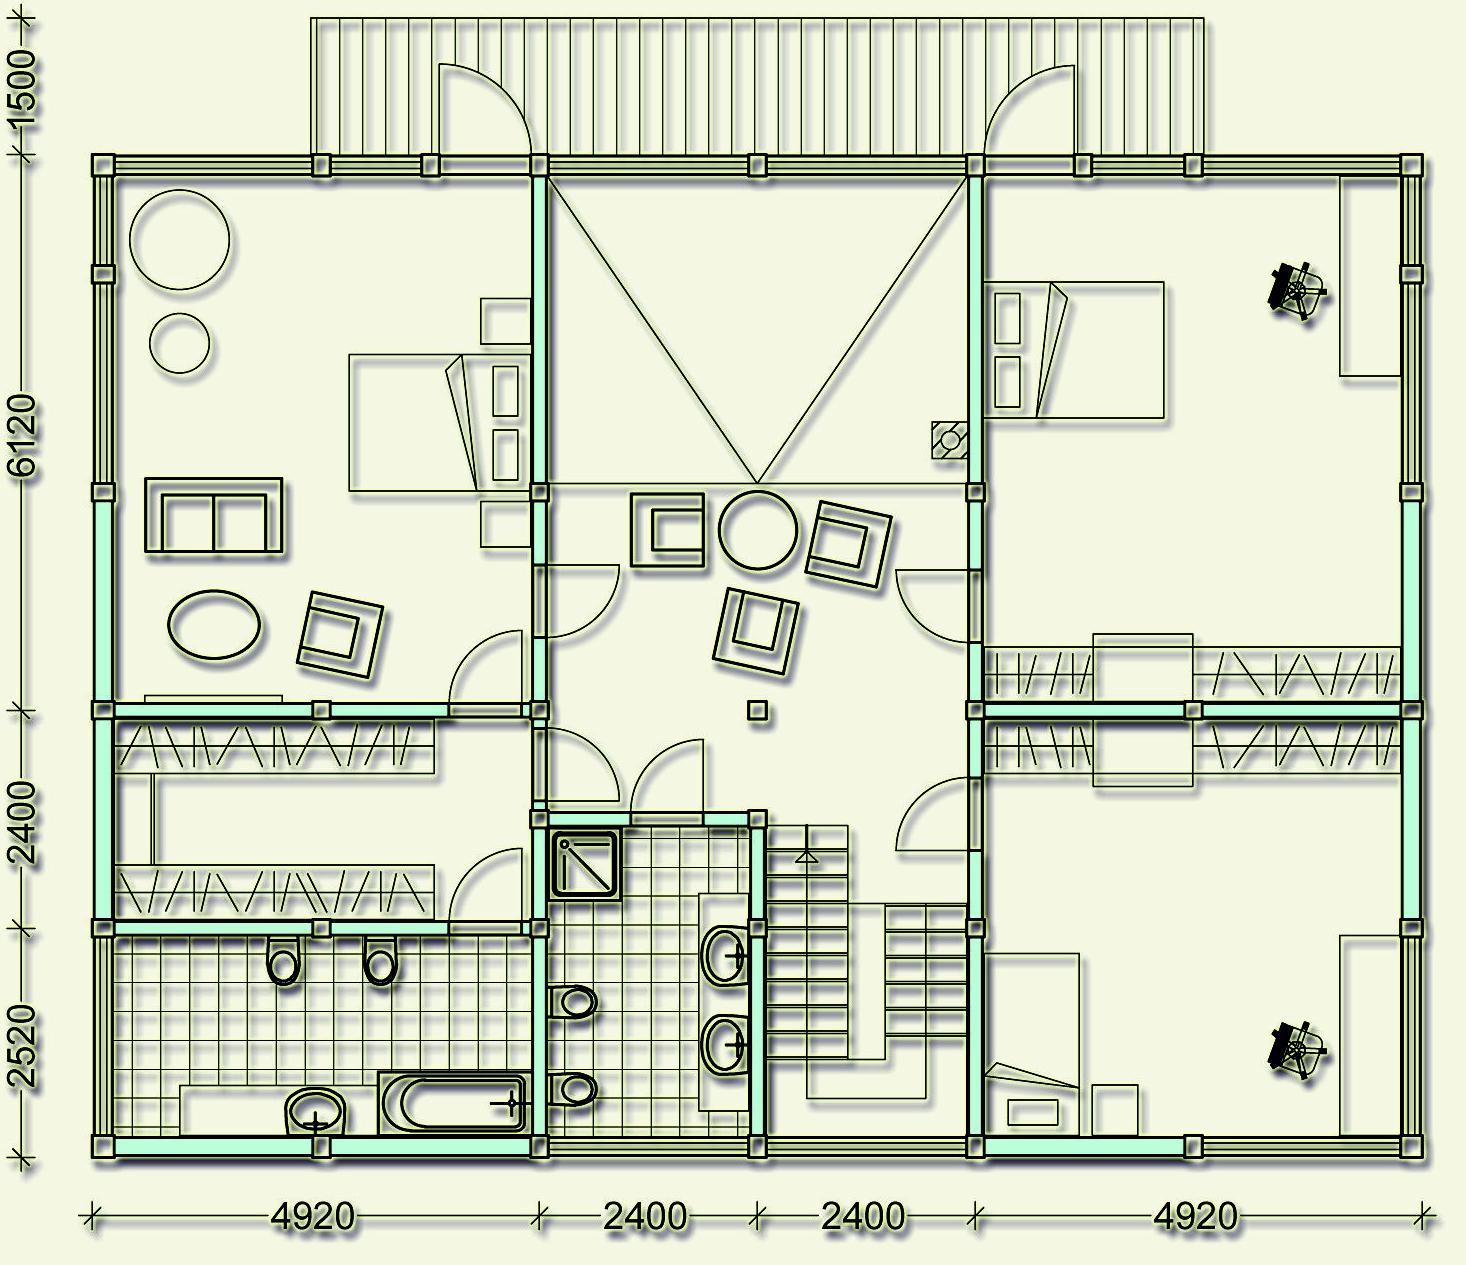 Проект фахверкового коттеджа MCF320 - план второго этажа